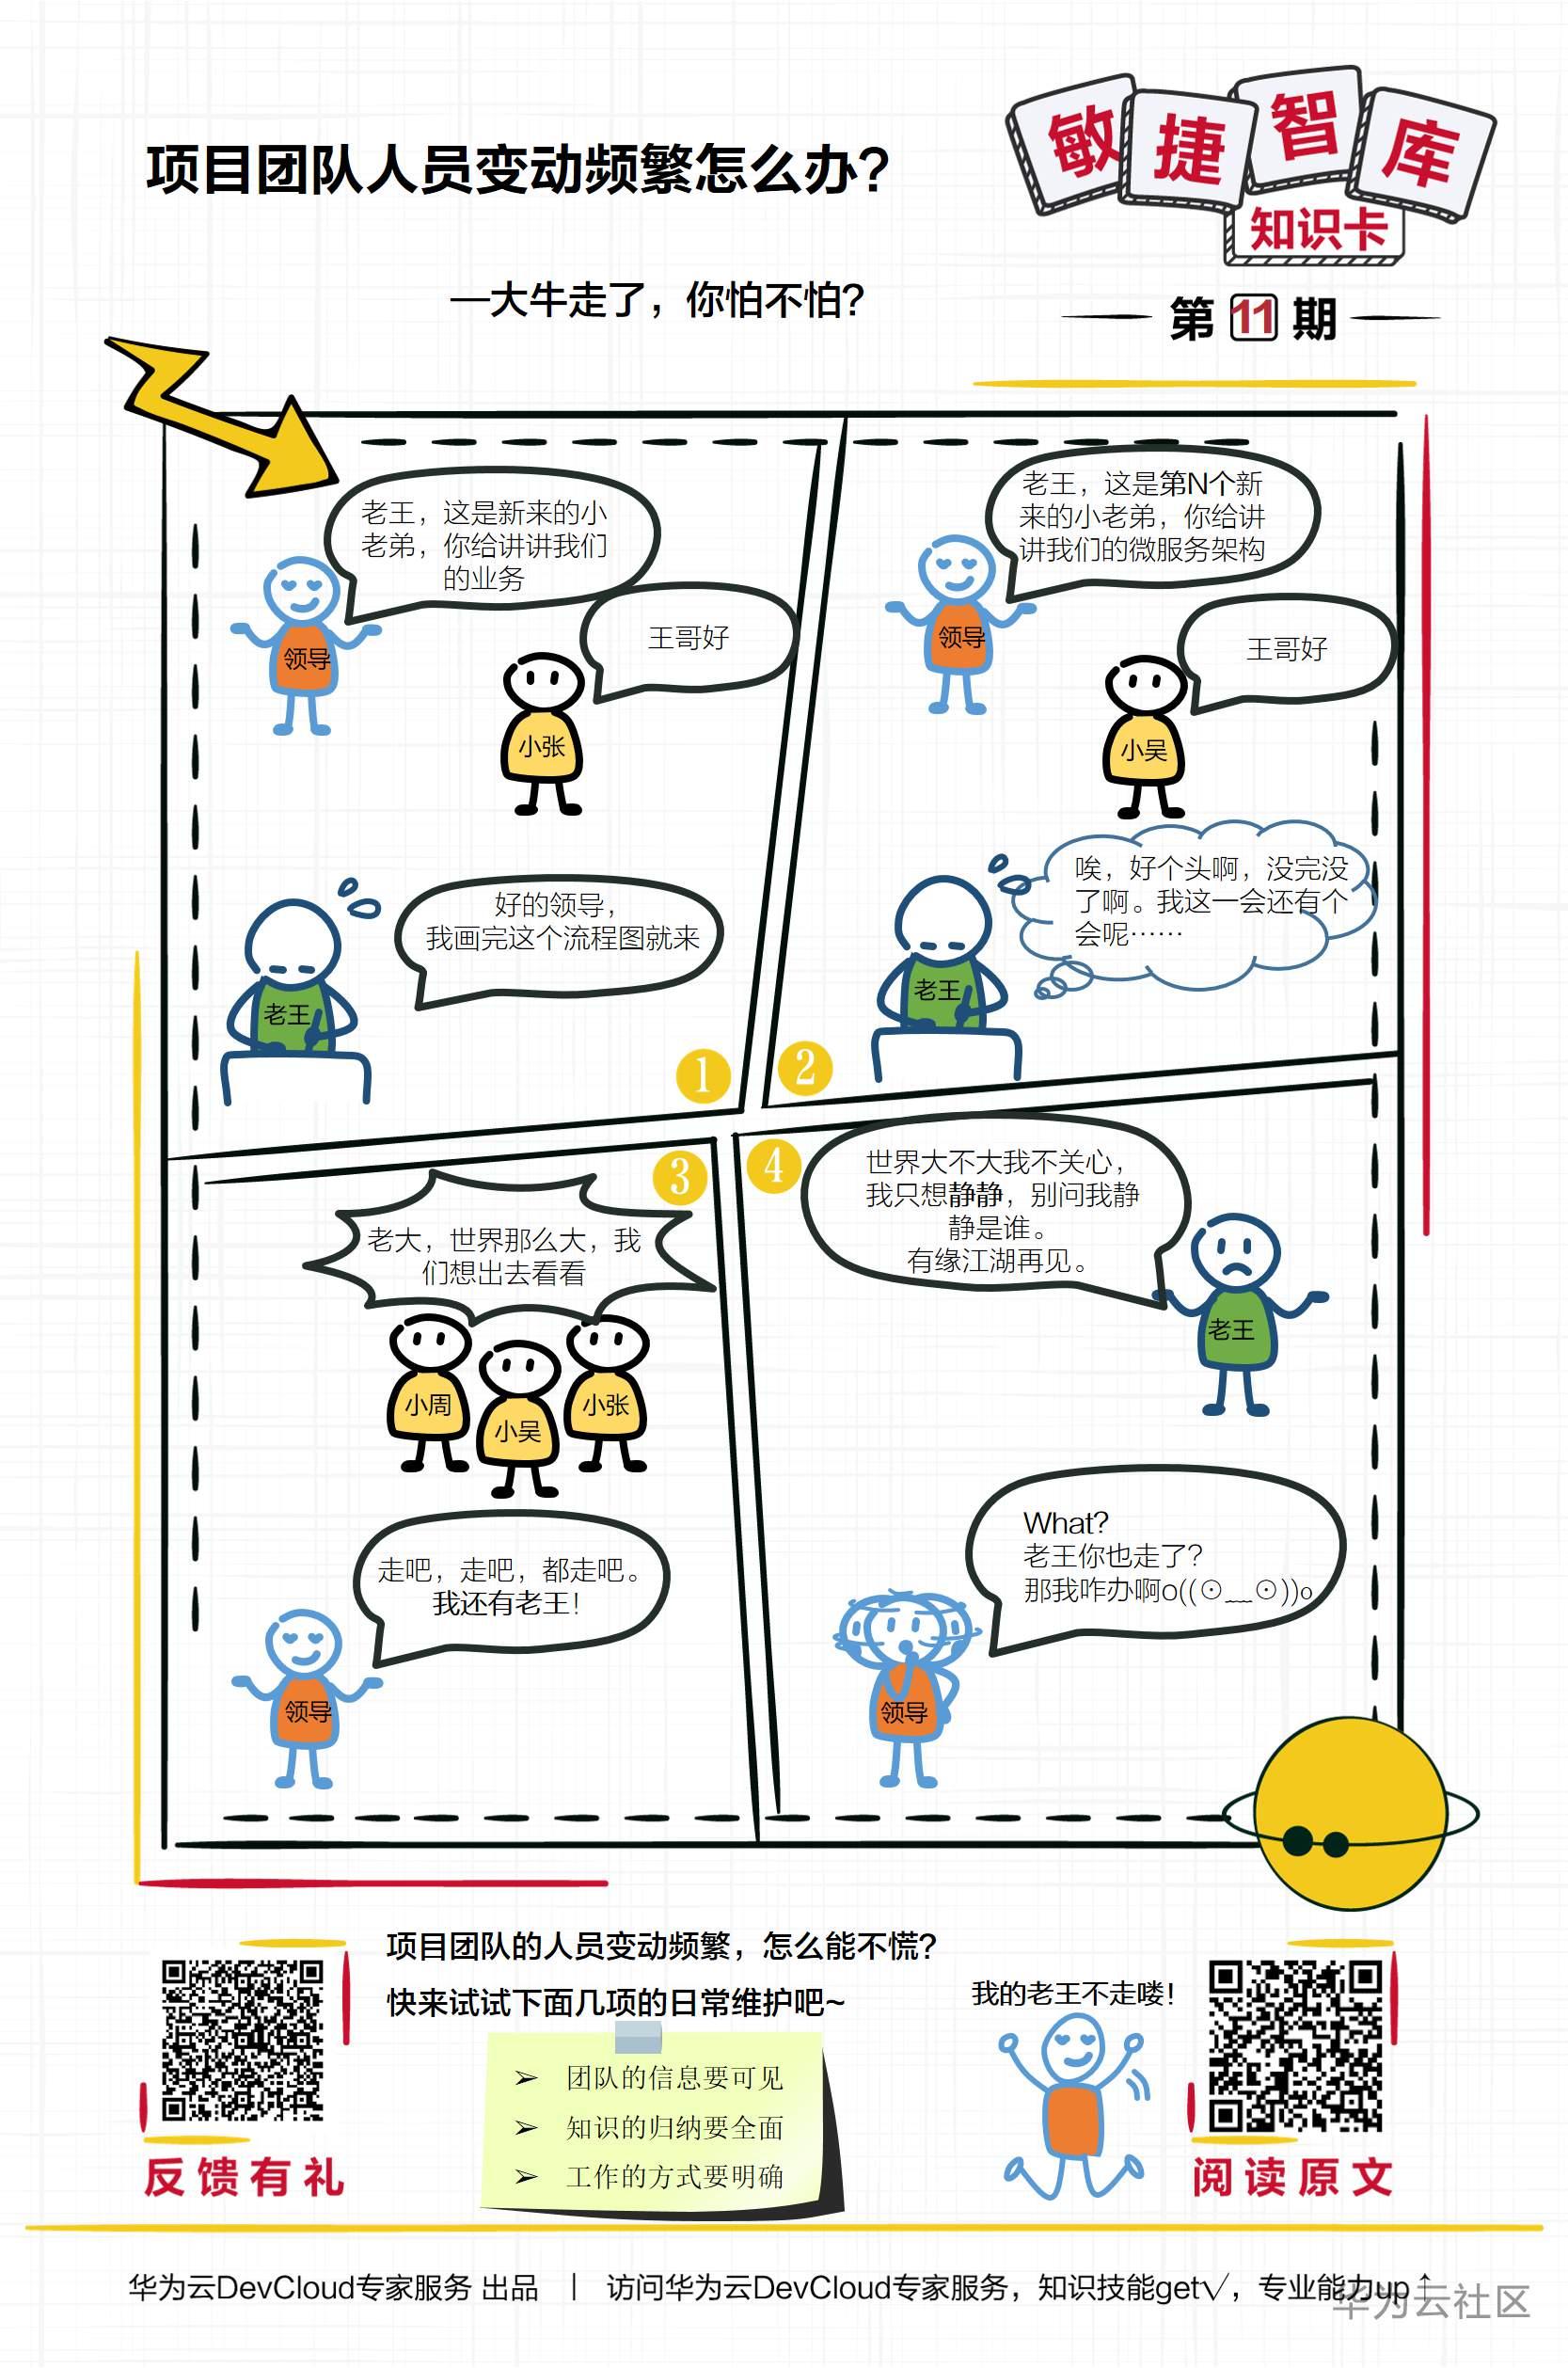 【敏捷智库知识卡】第11期项目团队人员变动频繁怎么办——大牛走了,你怕不怕?.PNG.png